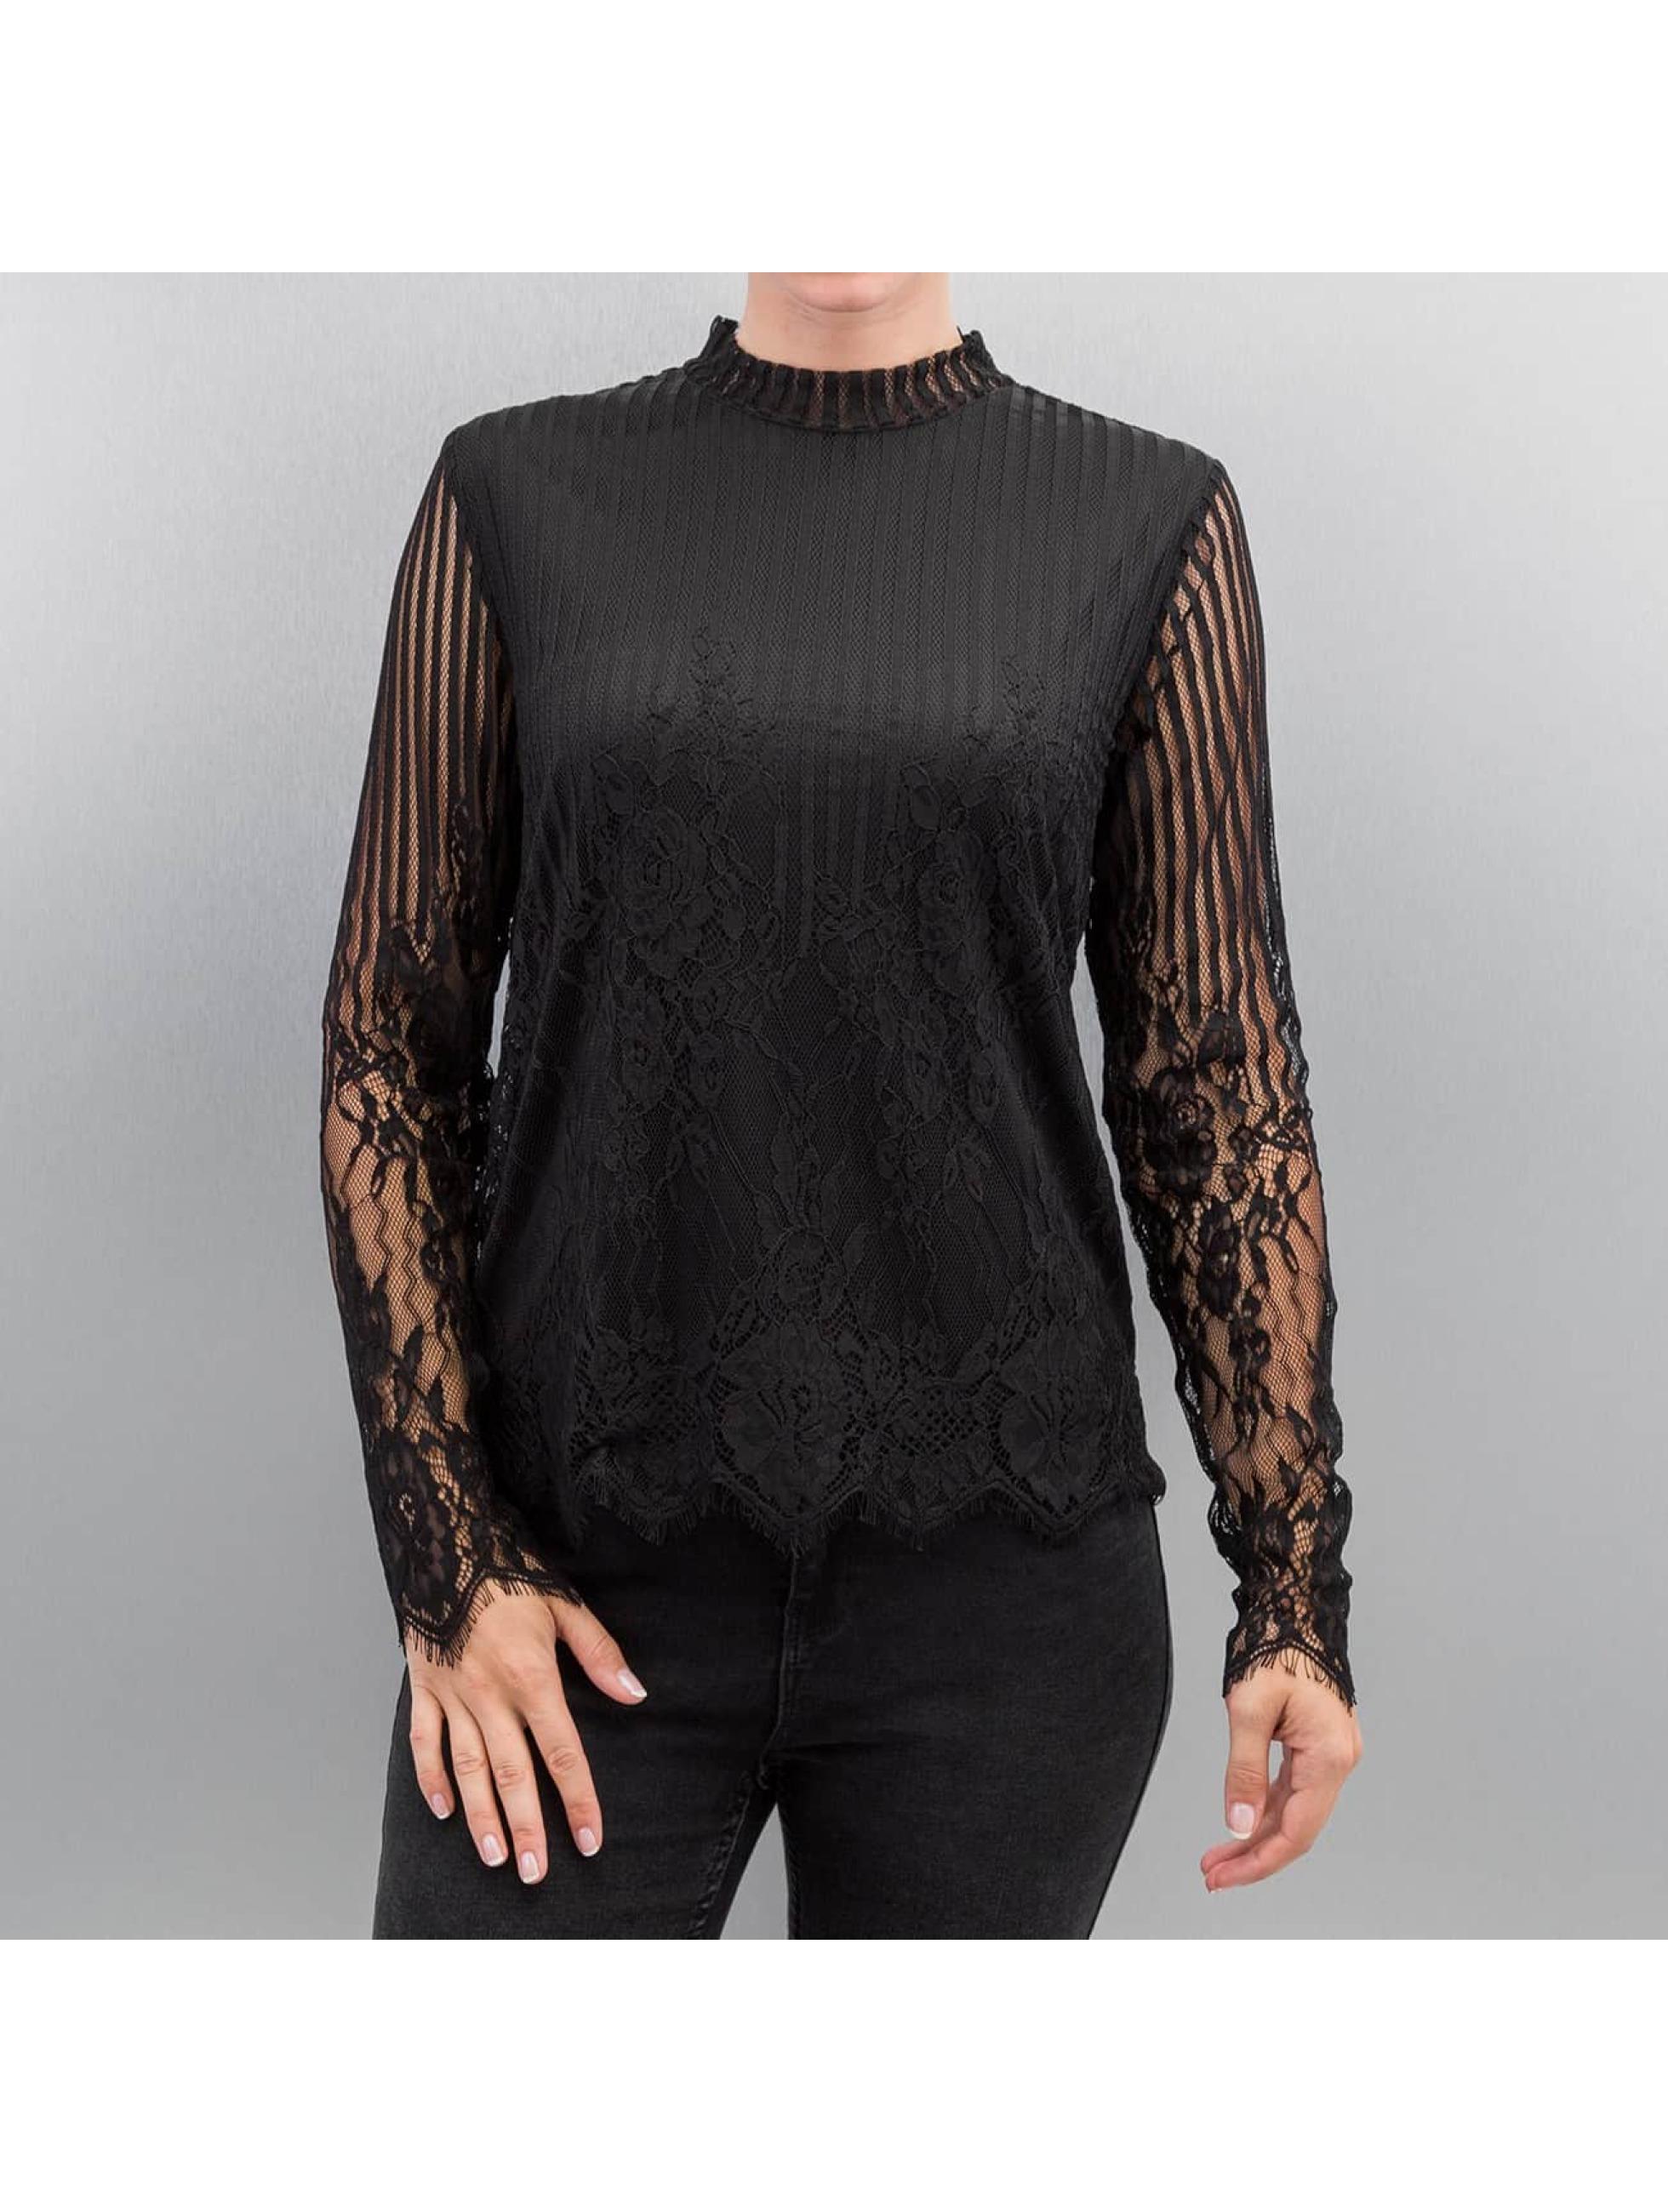 Bluse PCDana in schwarz